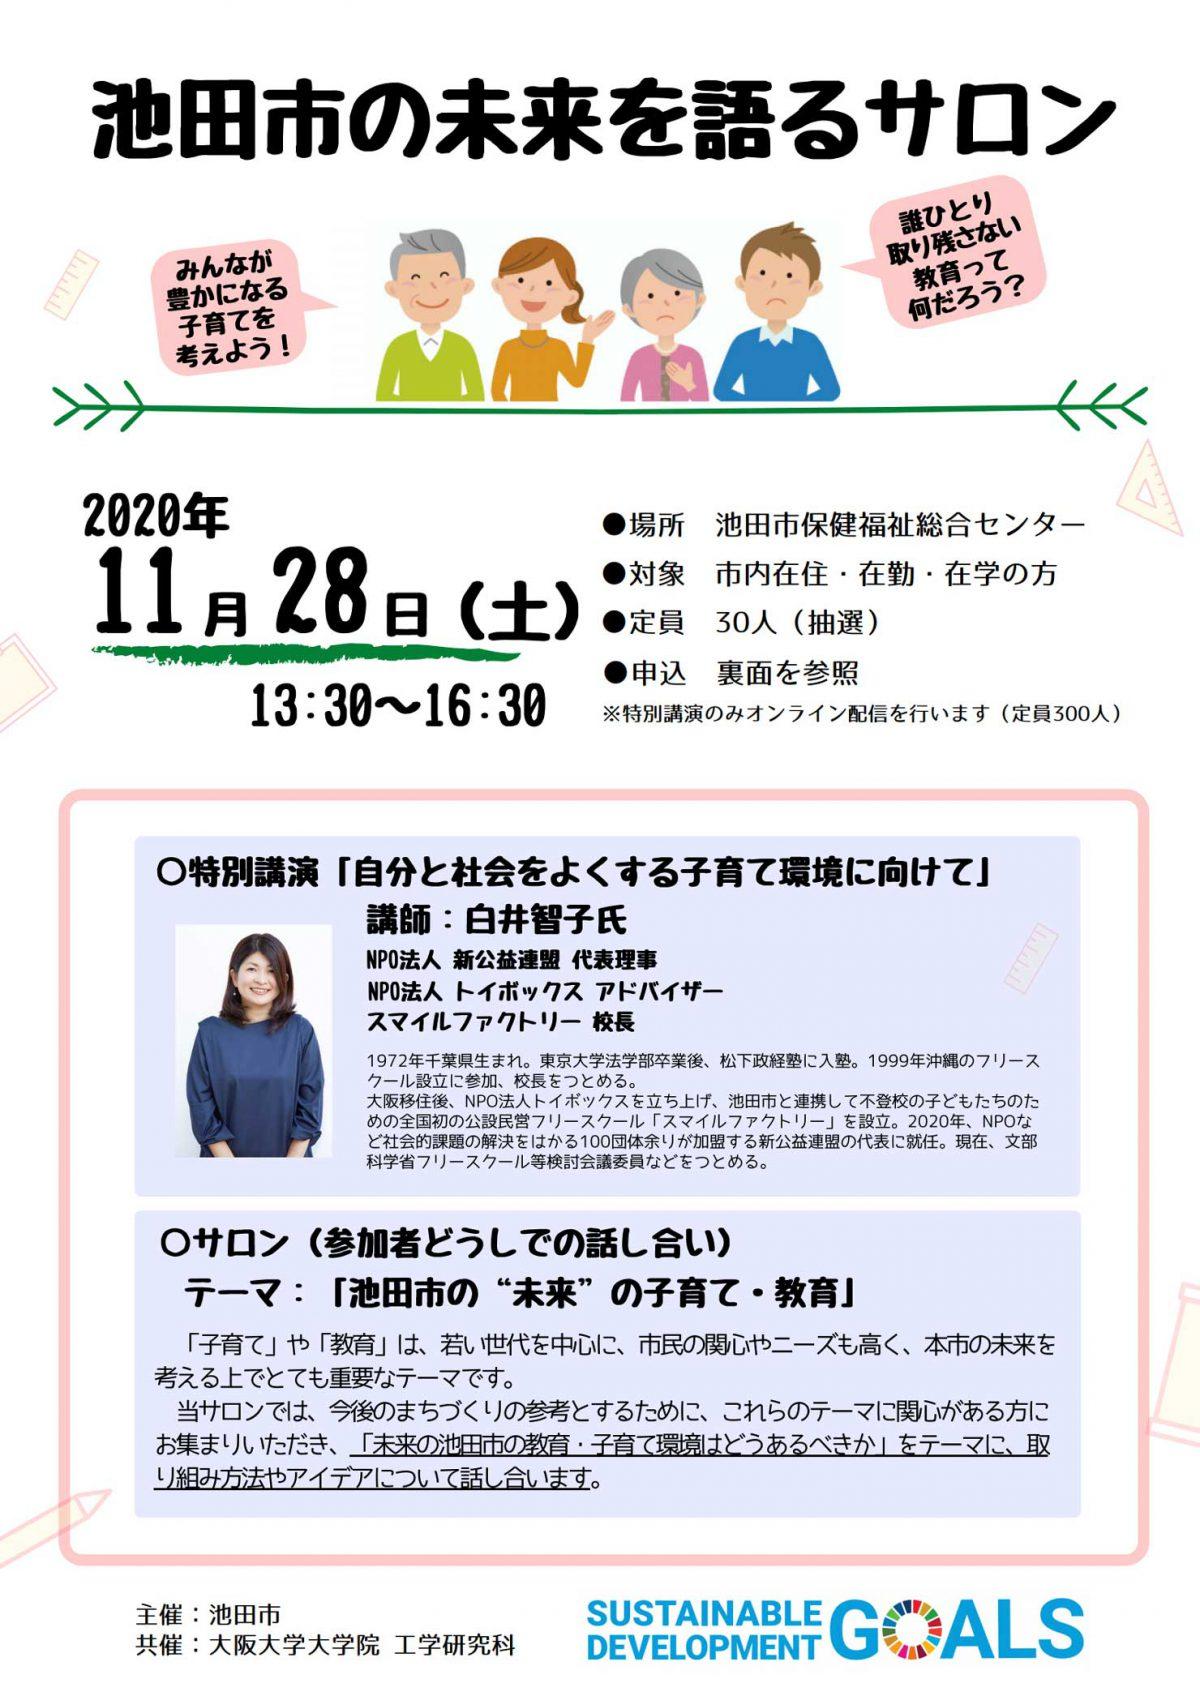 【Zoom参加もOK】池田市の未来を語るサロン 参加者募集